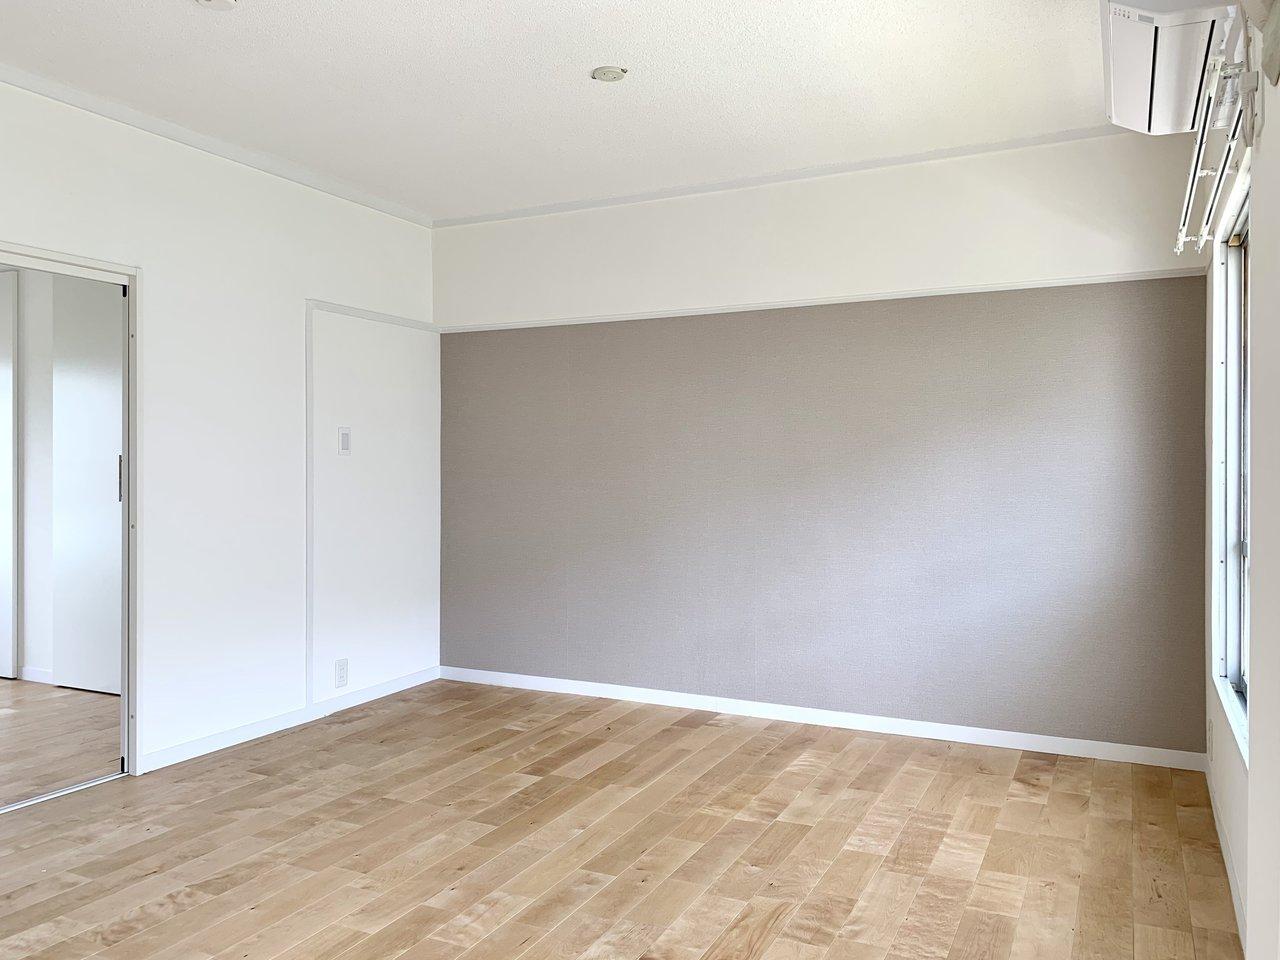 落ち着いた色合いの壁紙のあるリビングは10.7畳。ダイニングテーブルを置いたり、ソファを置いたり。自由に家具をセレクトしてくださいね。